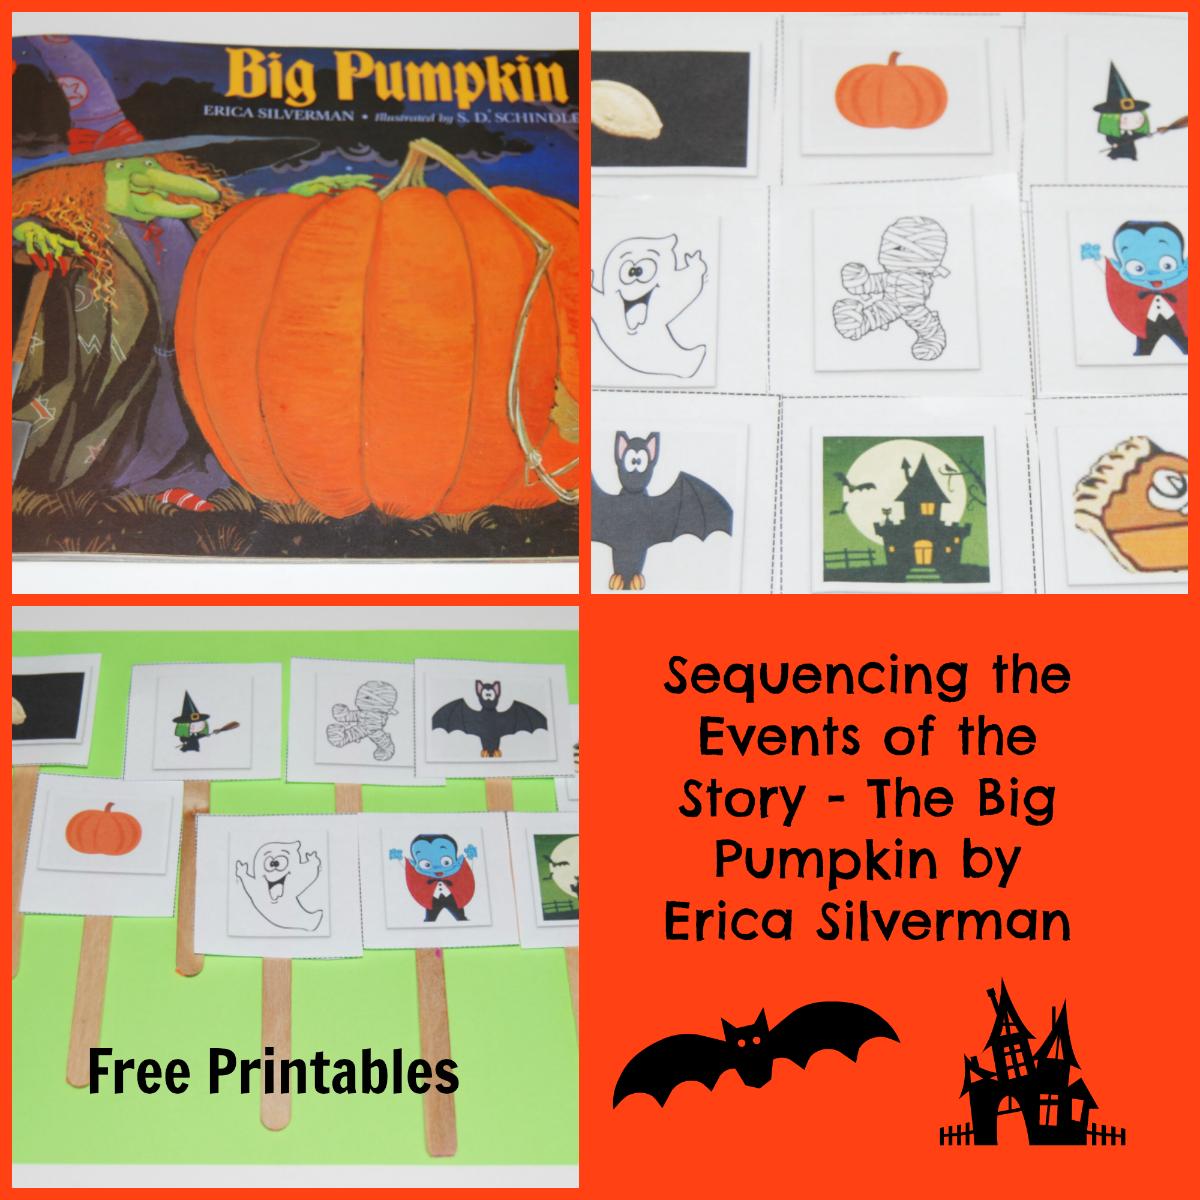 the-big-pumpkin-free-sequencing-activities-for-preschool